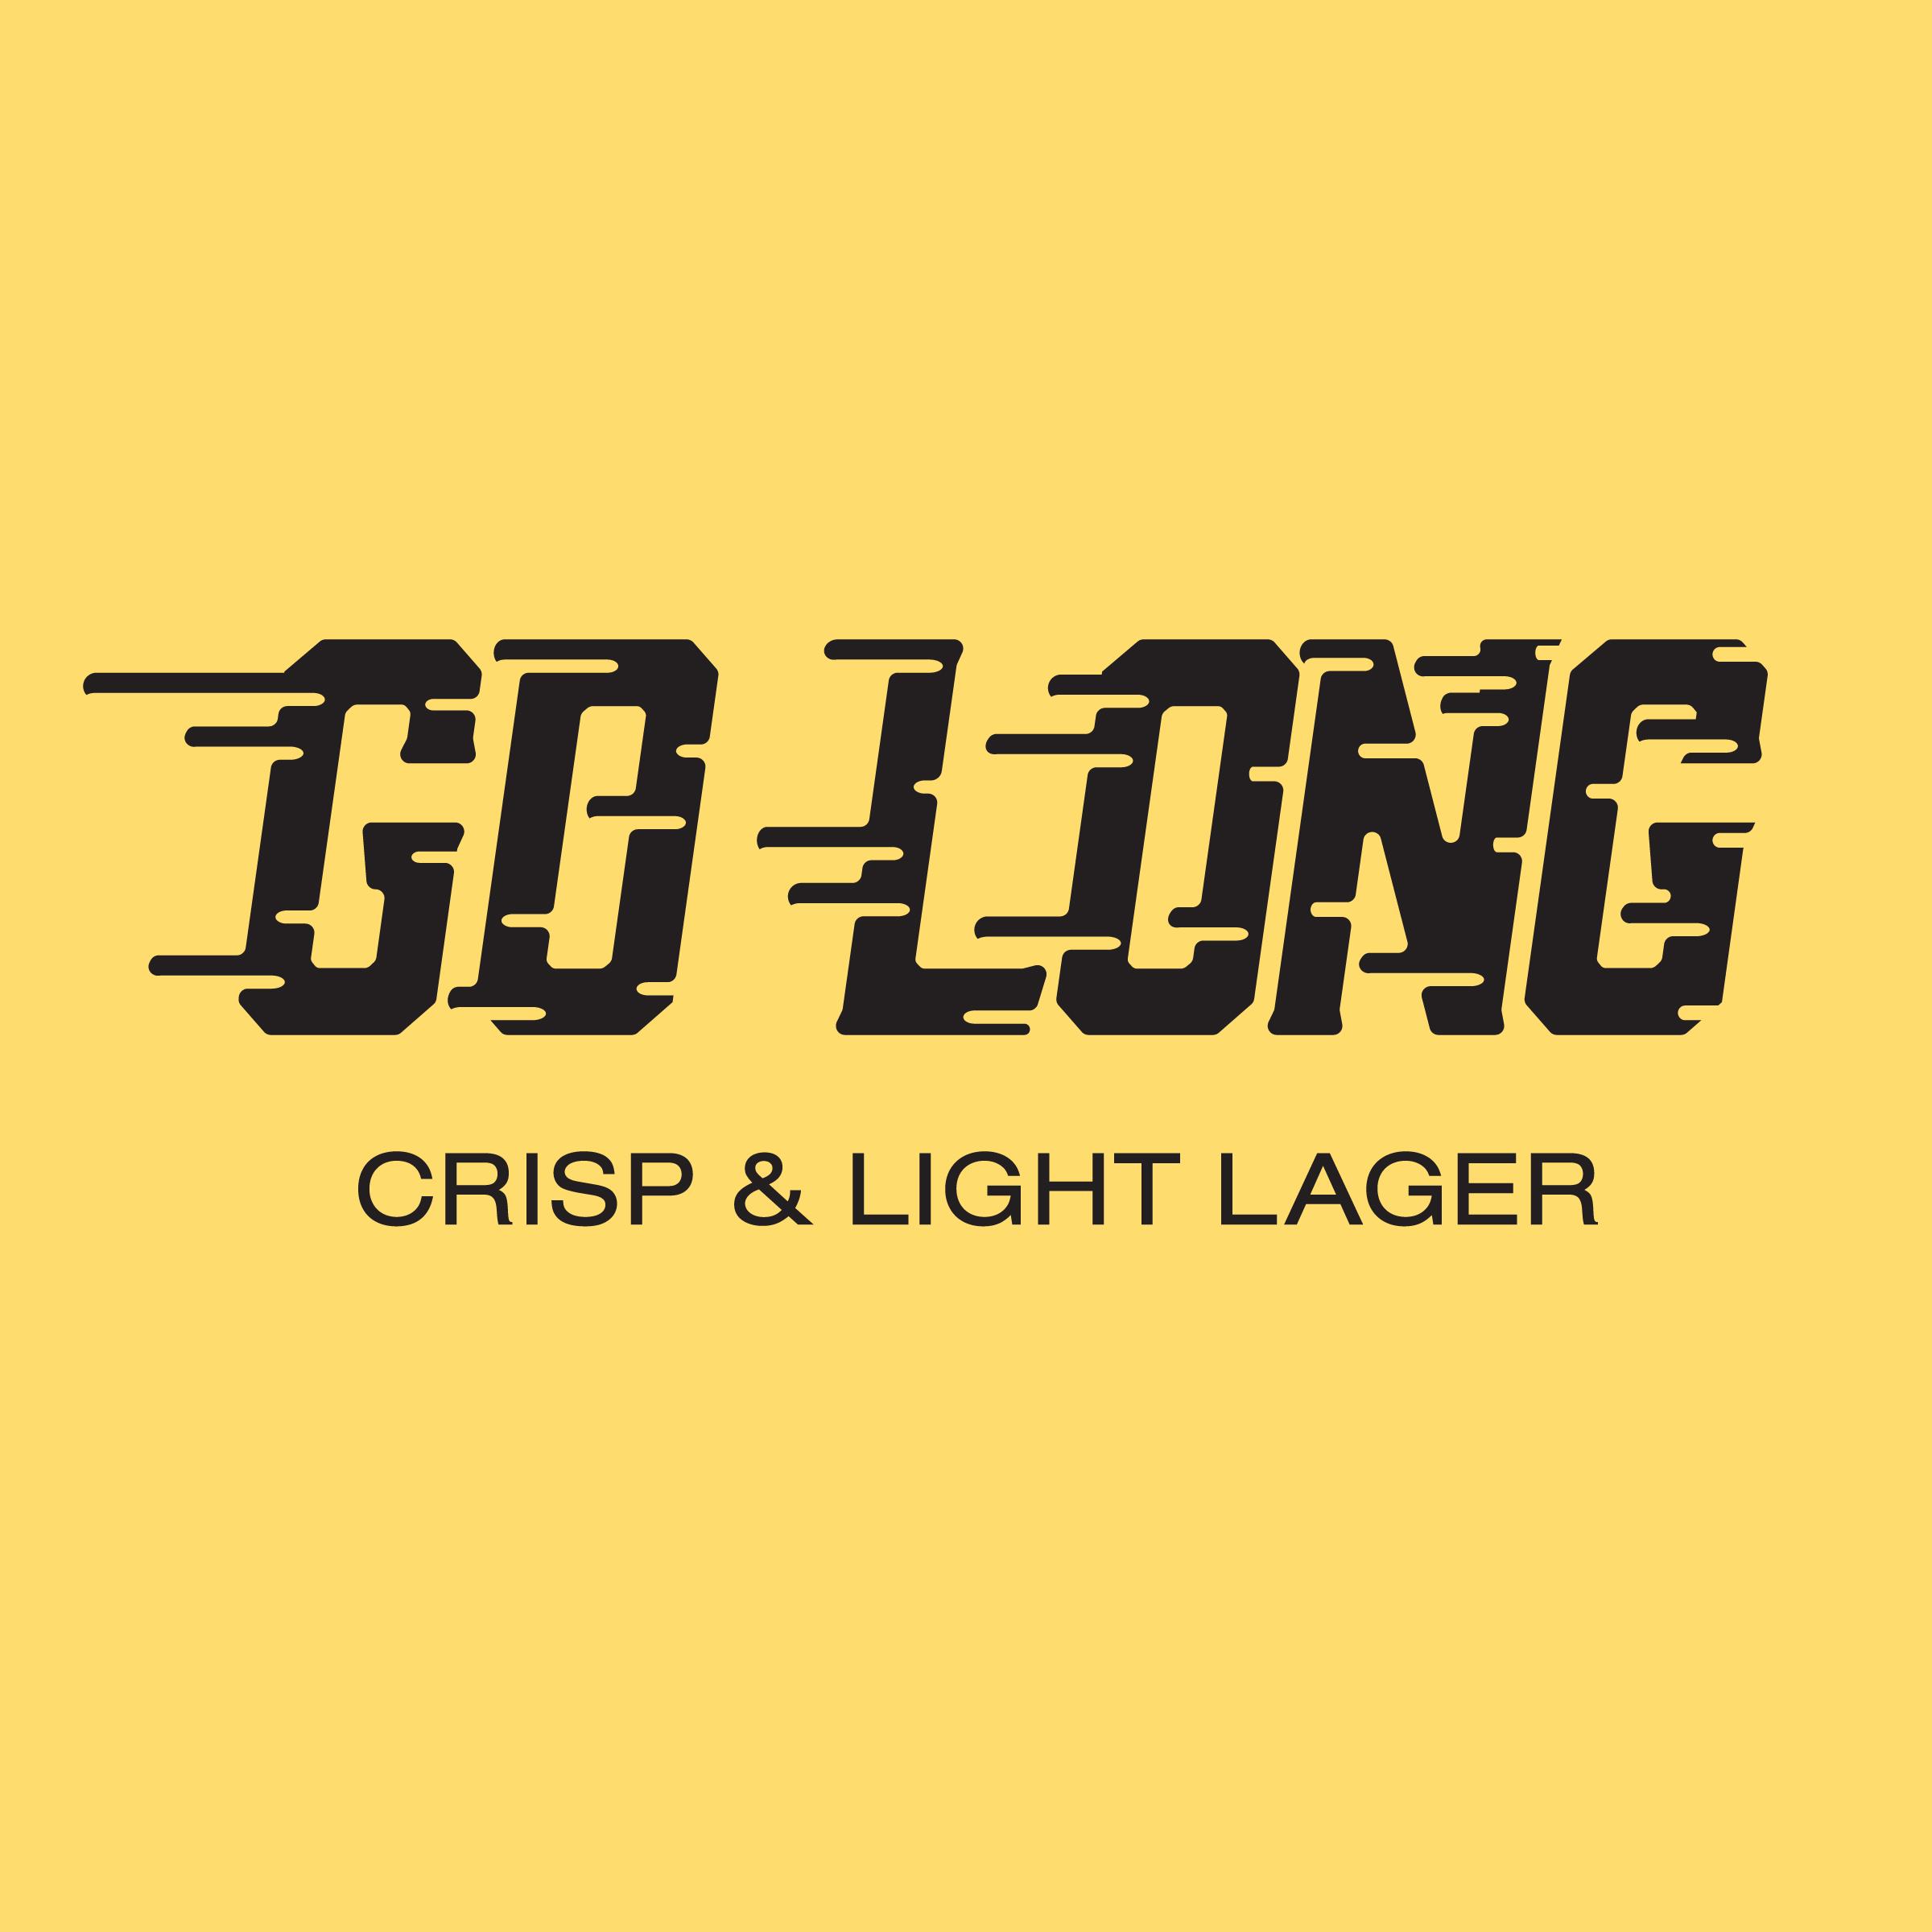 _GO_LONG.jpg